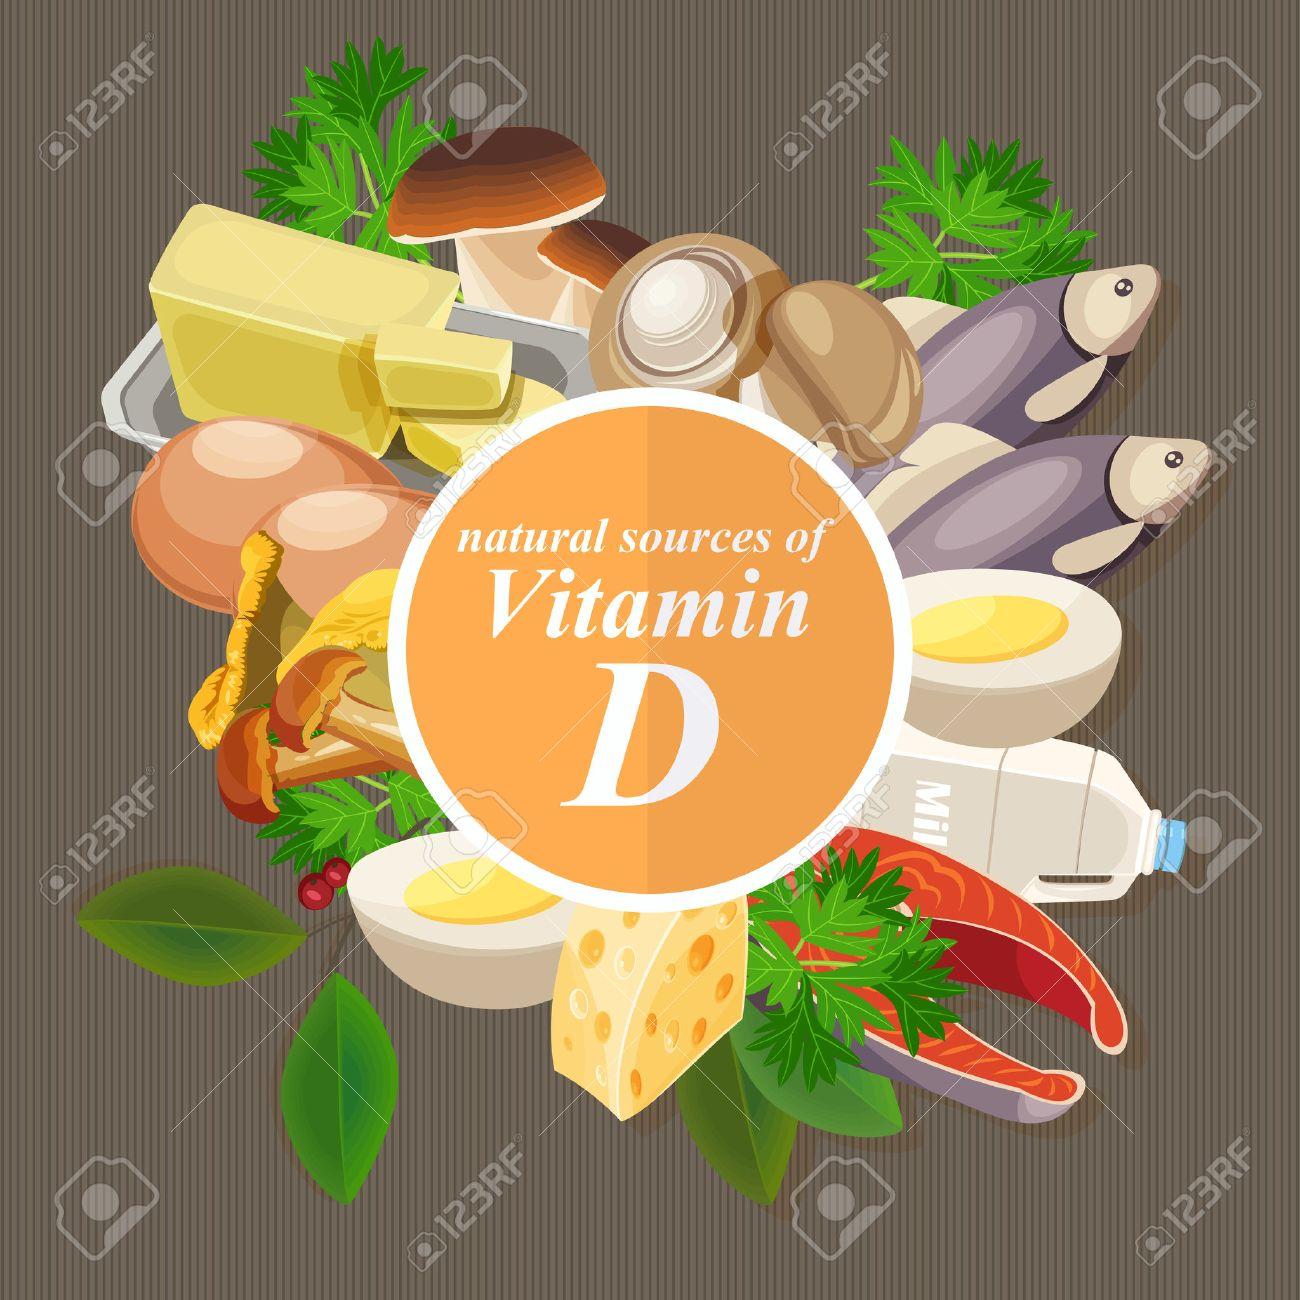 frutas que contiene vitamina d